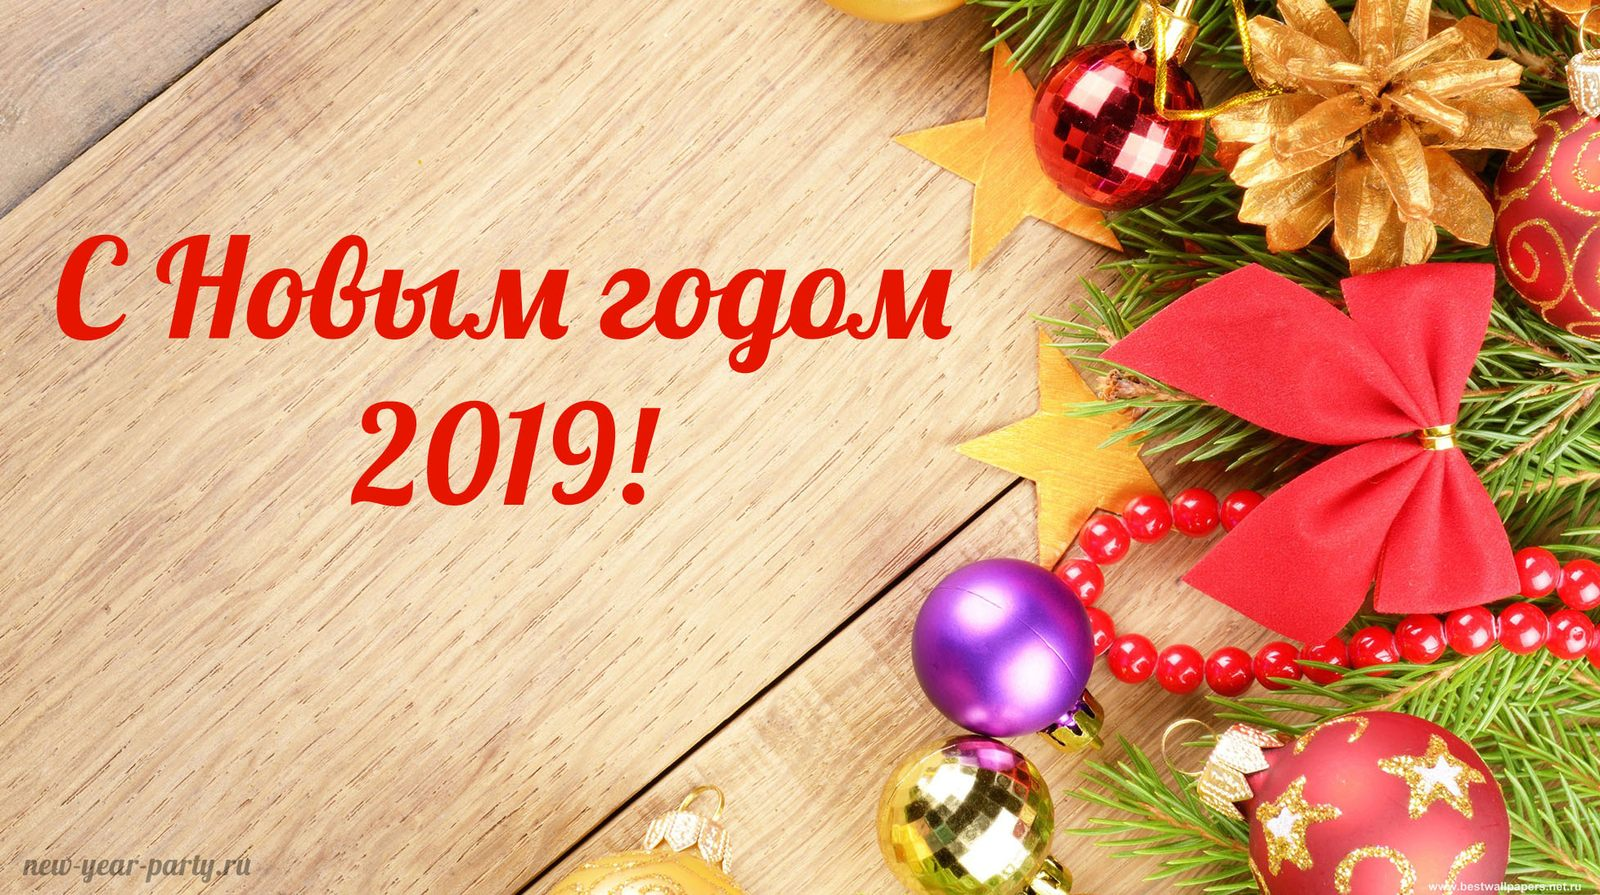 Прогноз ripple на 2019 год - КалендарьГода новые фото